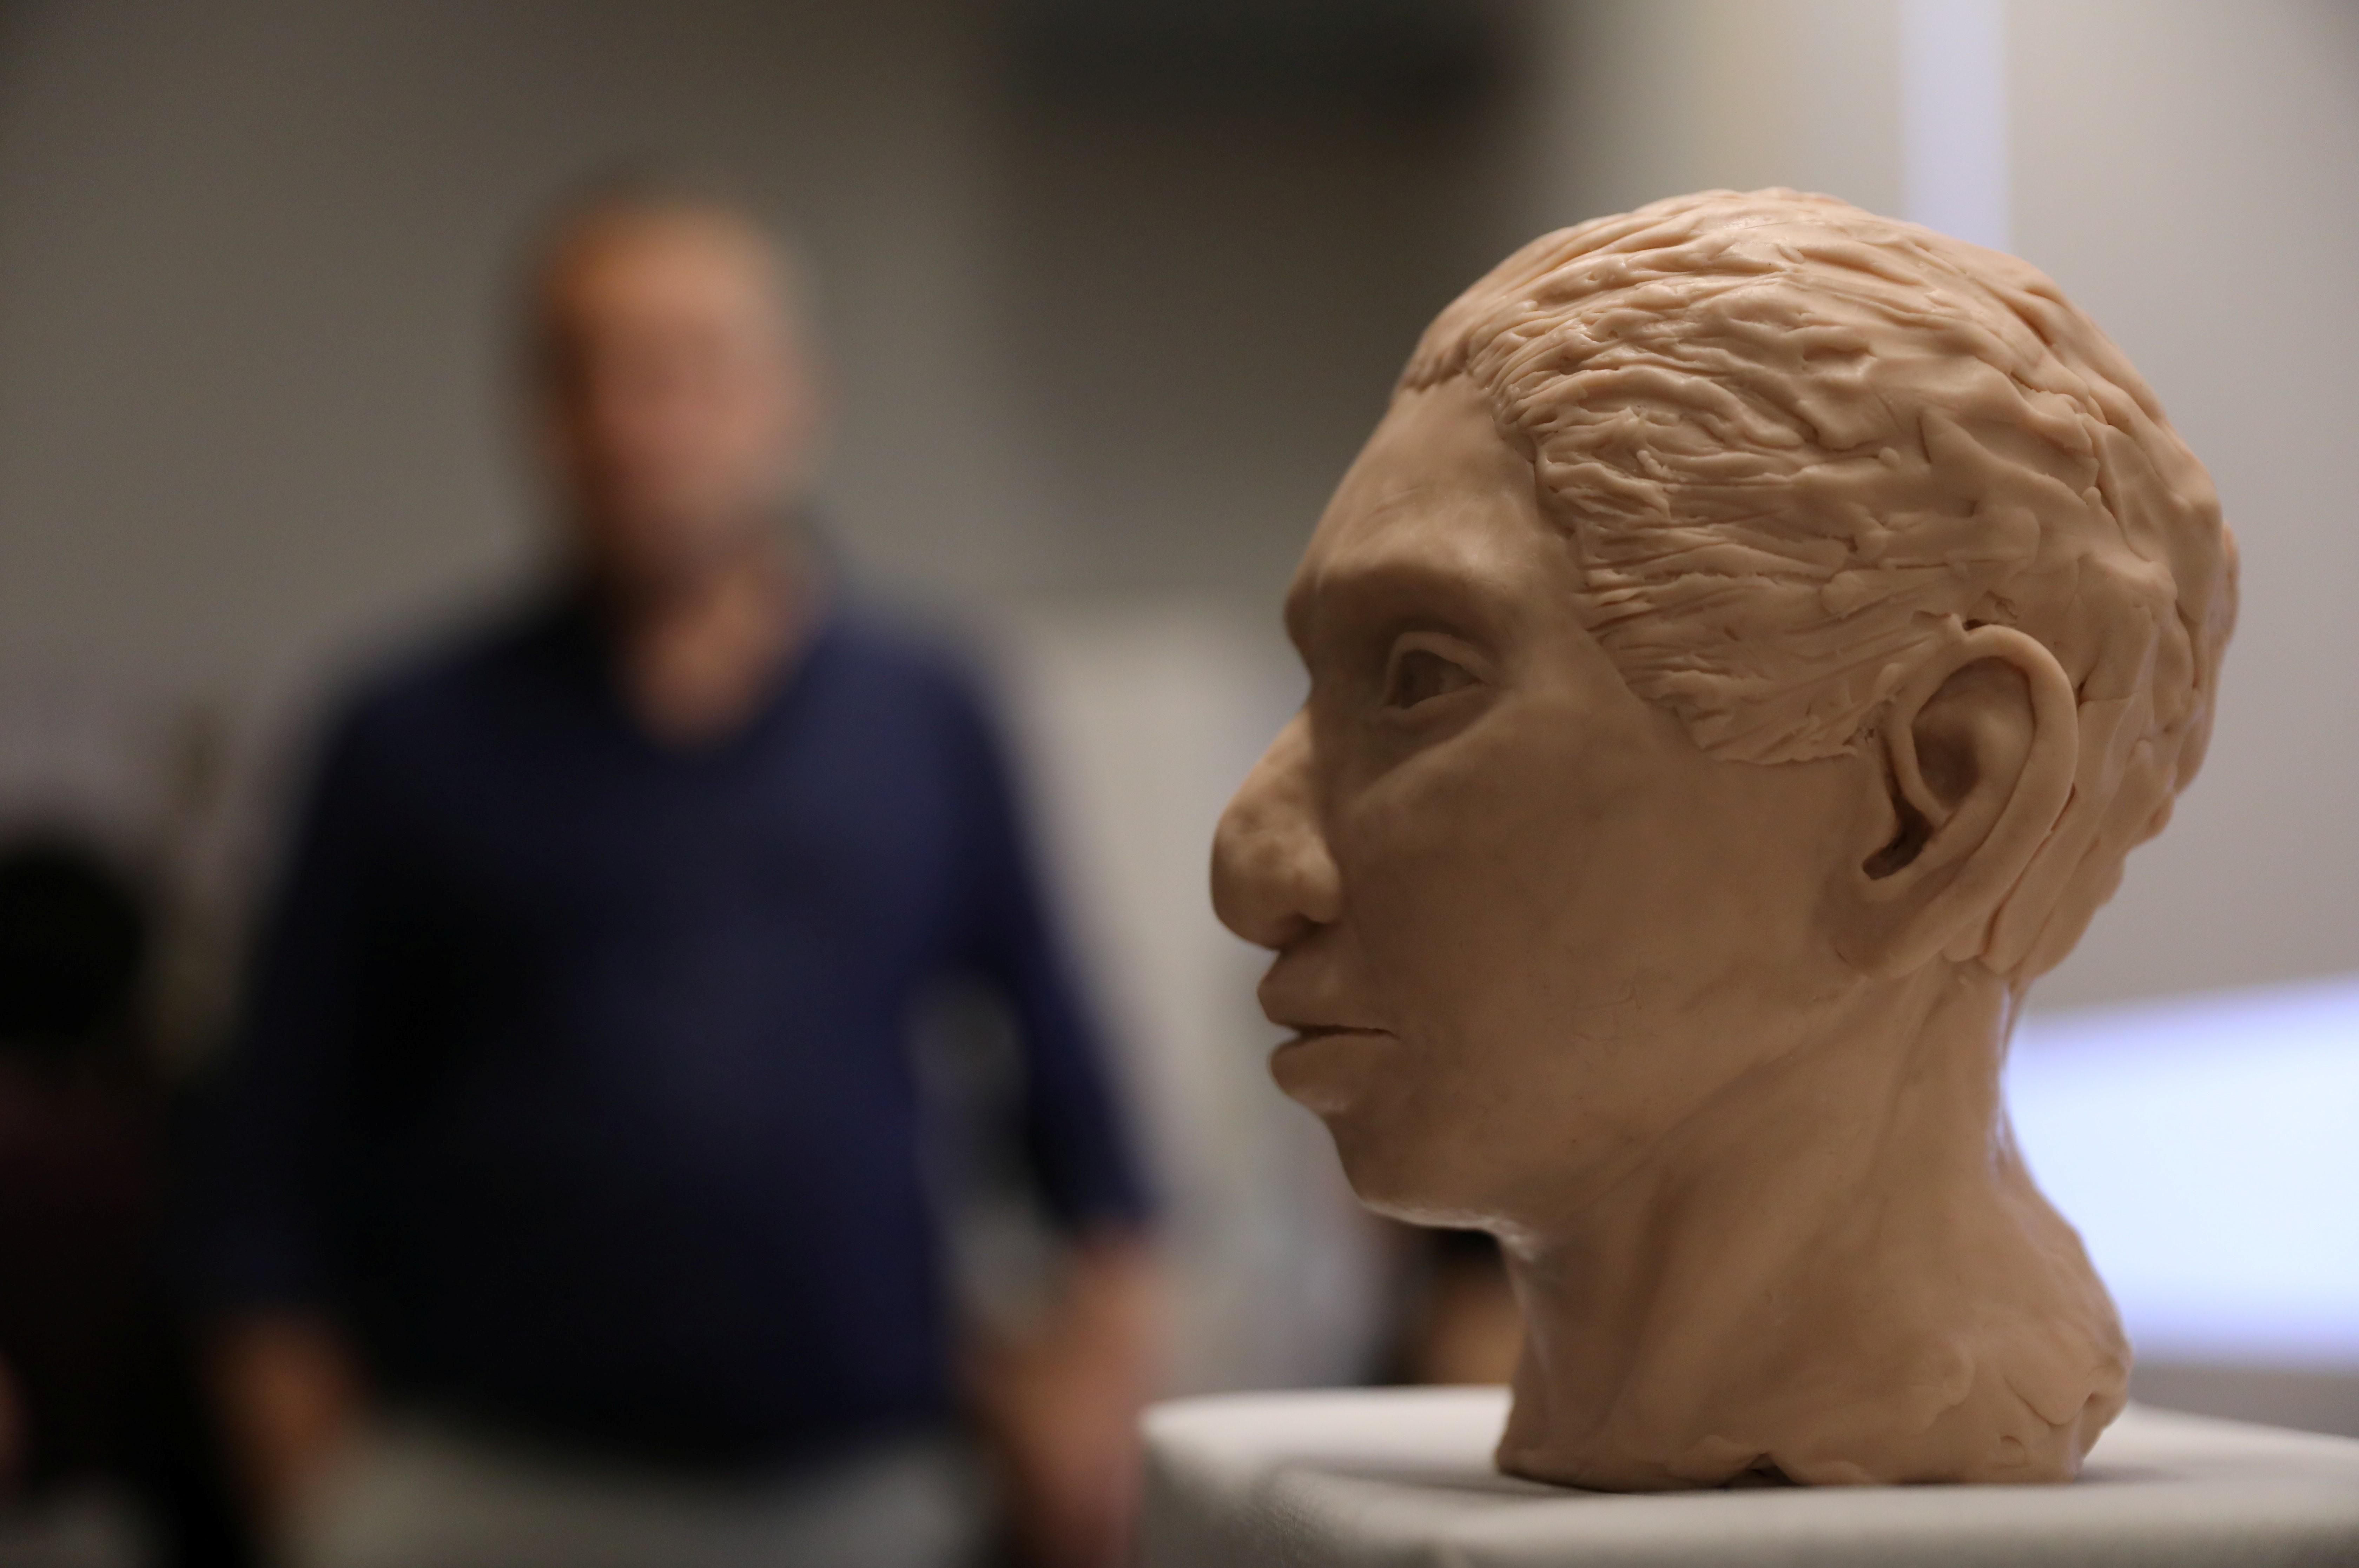 Cientistas reconstroem esqueleto misterioso de humano pré-histórico - Notícias - Plantão Diário